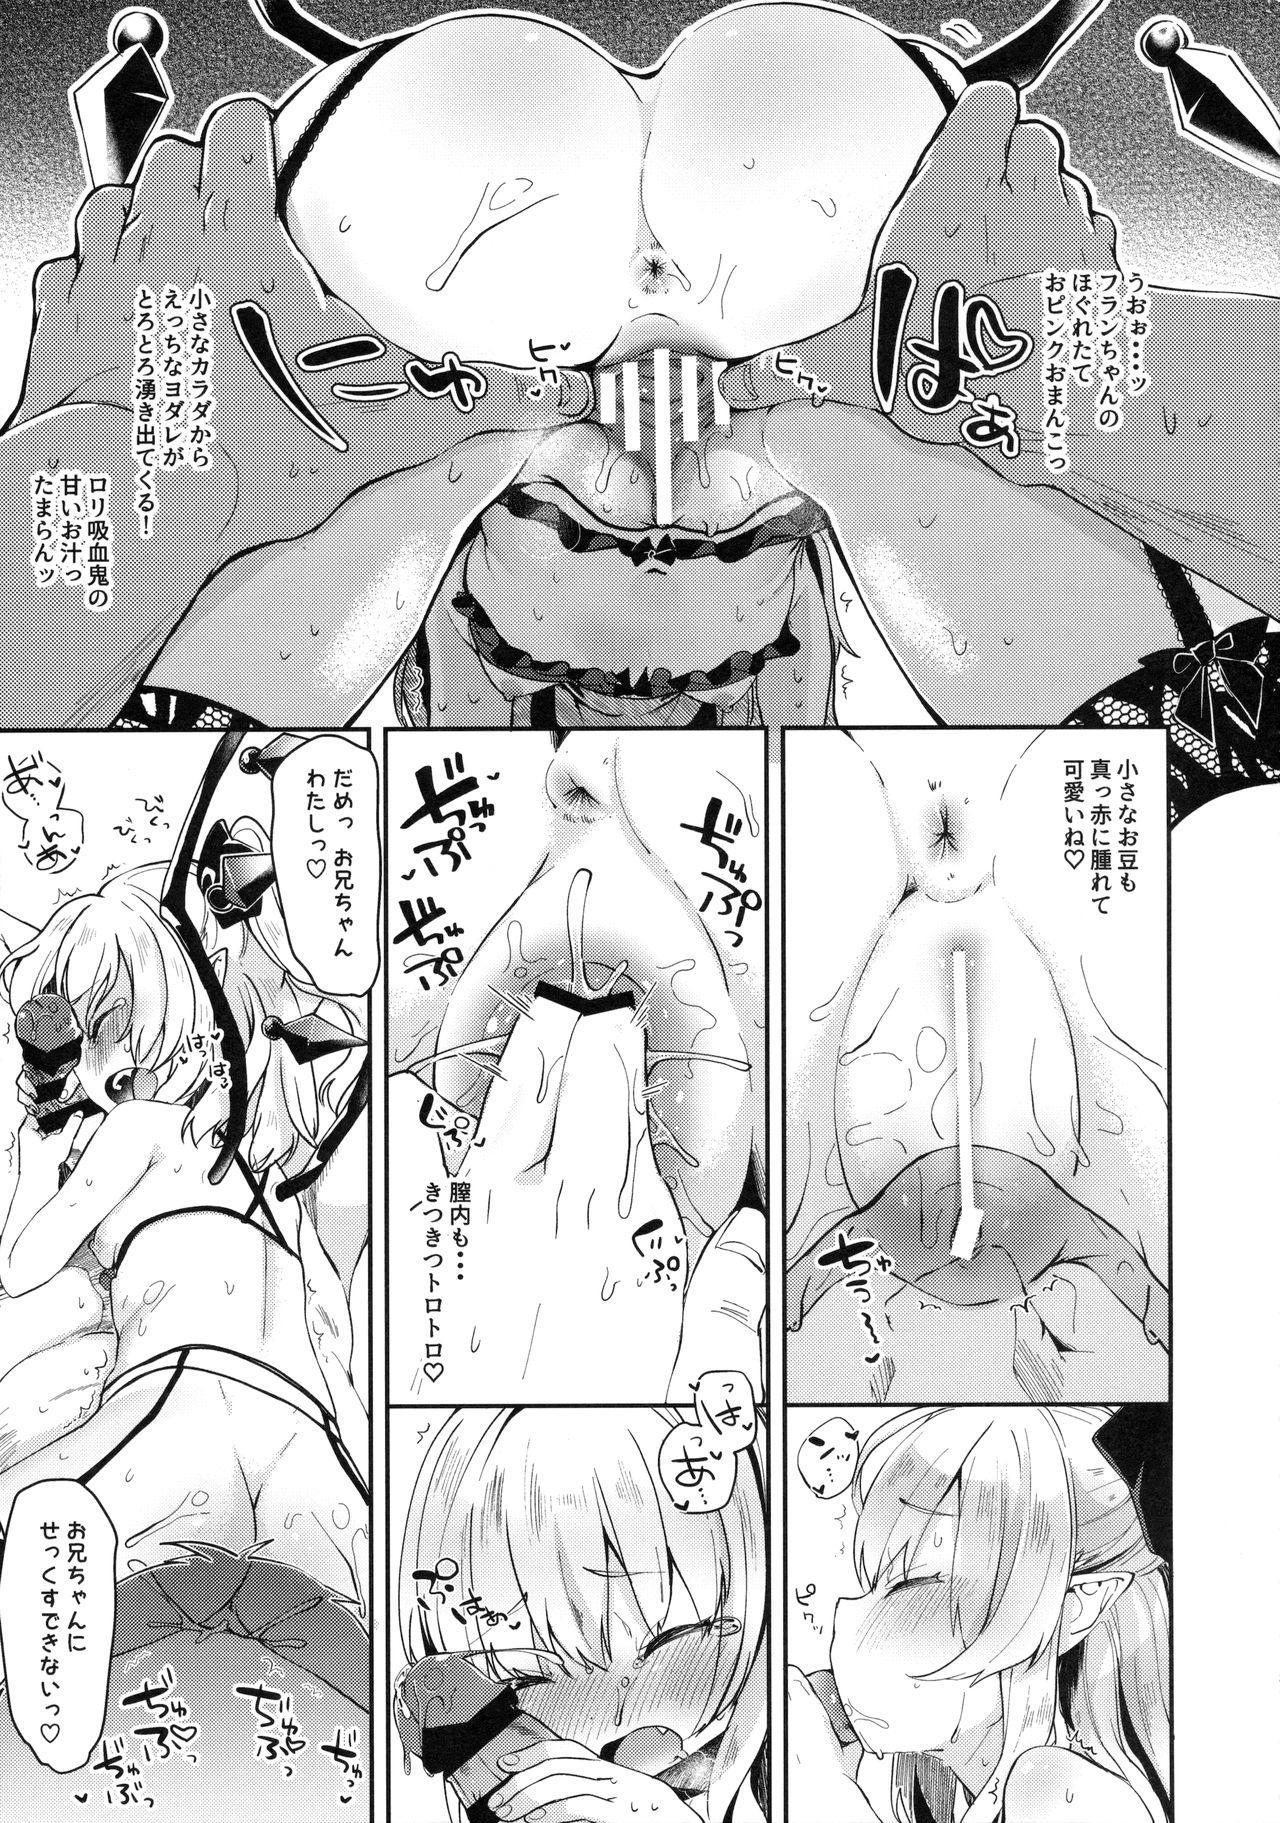 Flan-chan ni Oshiete Ageru 9